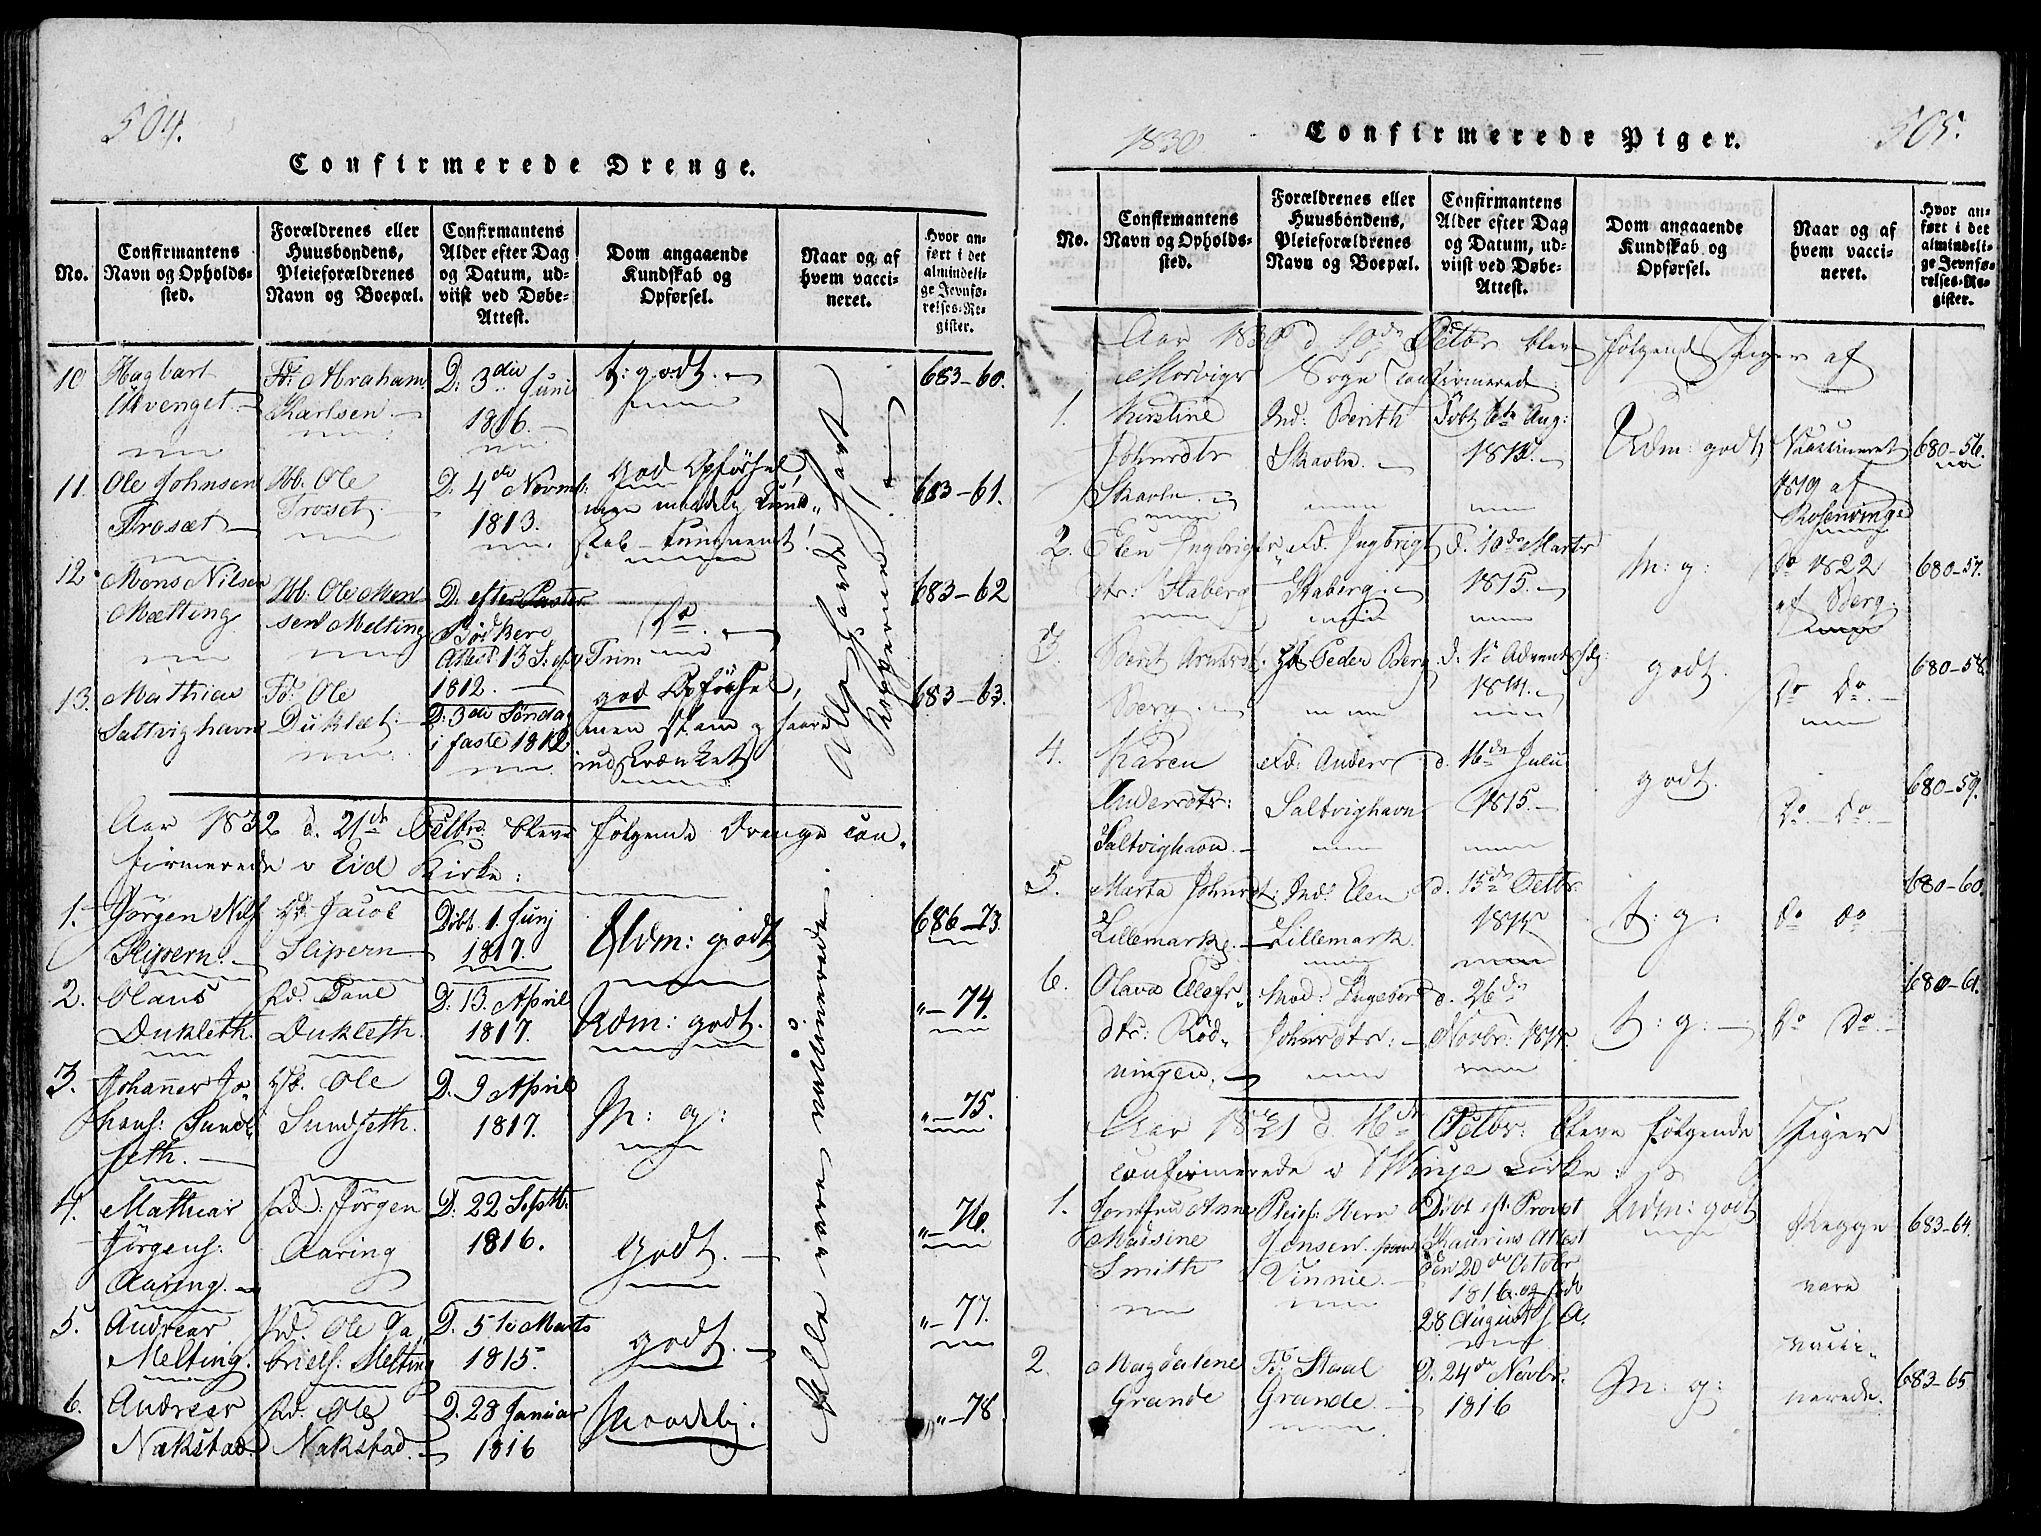 SAT, Ministerialprotokoller, klokkerbøker og fødselsregistre - Nord-Trøndelag, 733/L0322: Ministerialbok nr. 733A01, 1817-1842, s. 504-505